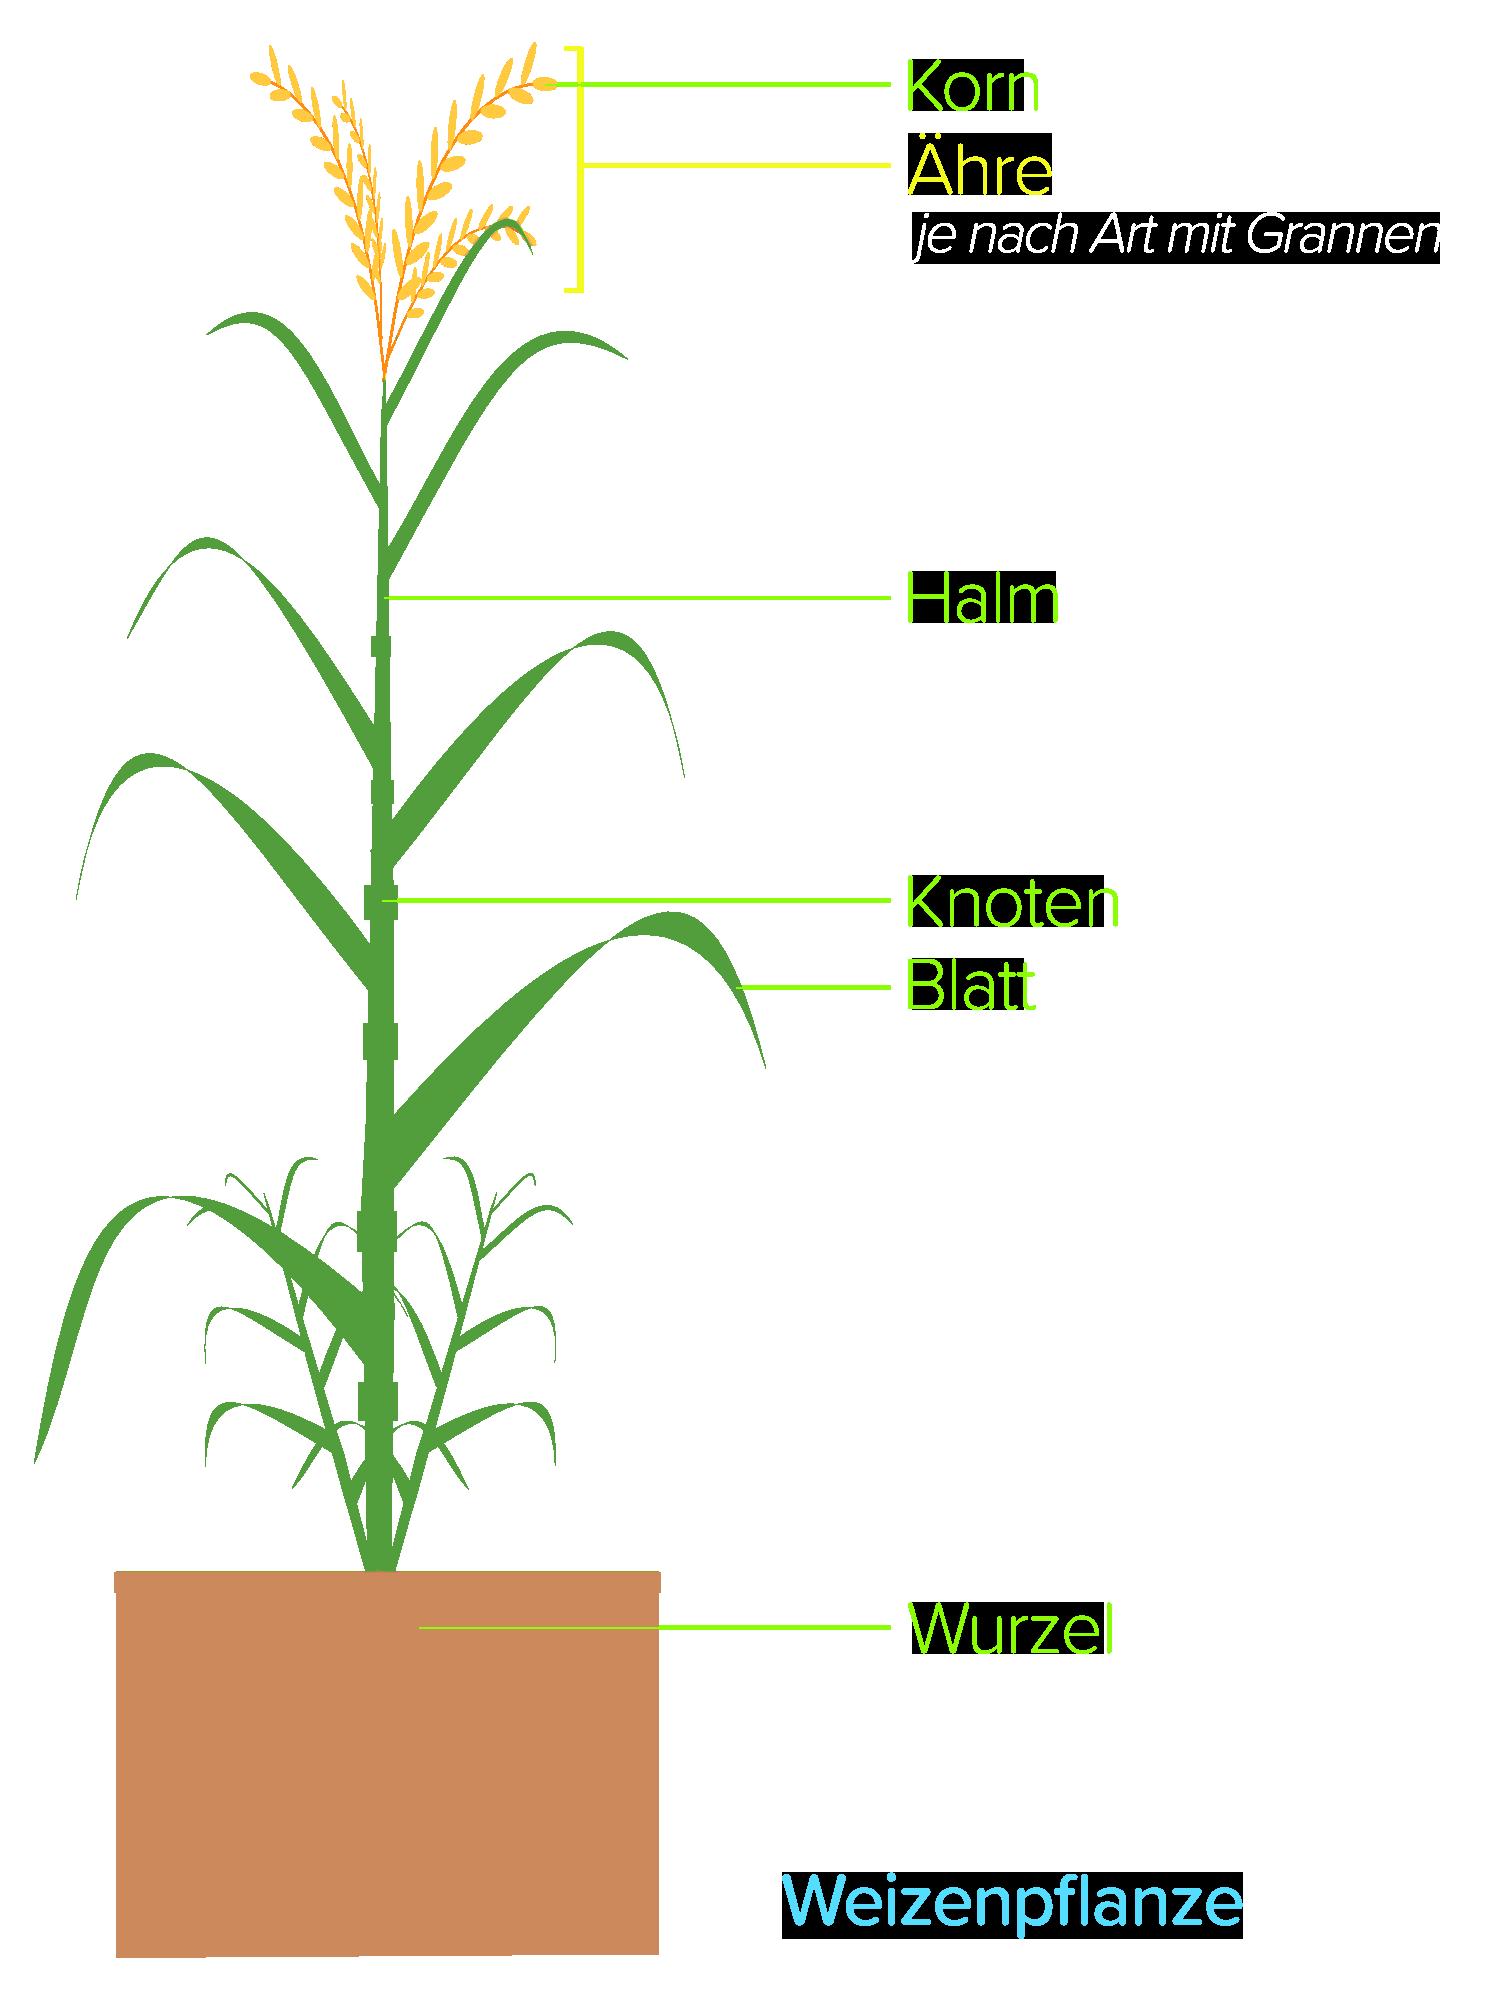 Weizenpflanze schematisch